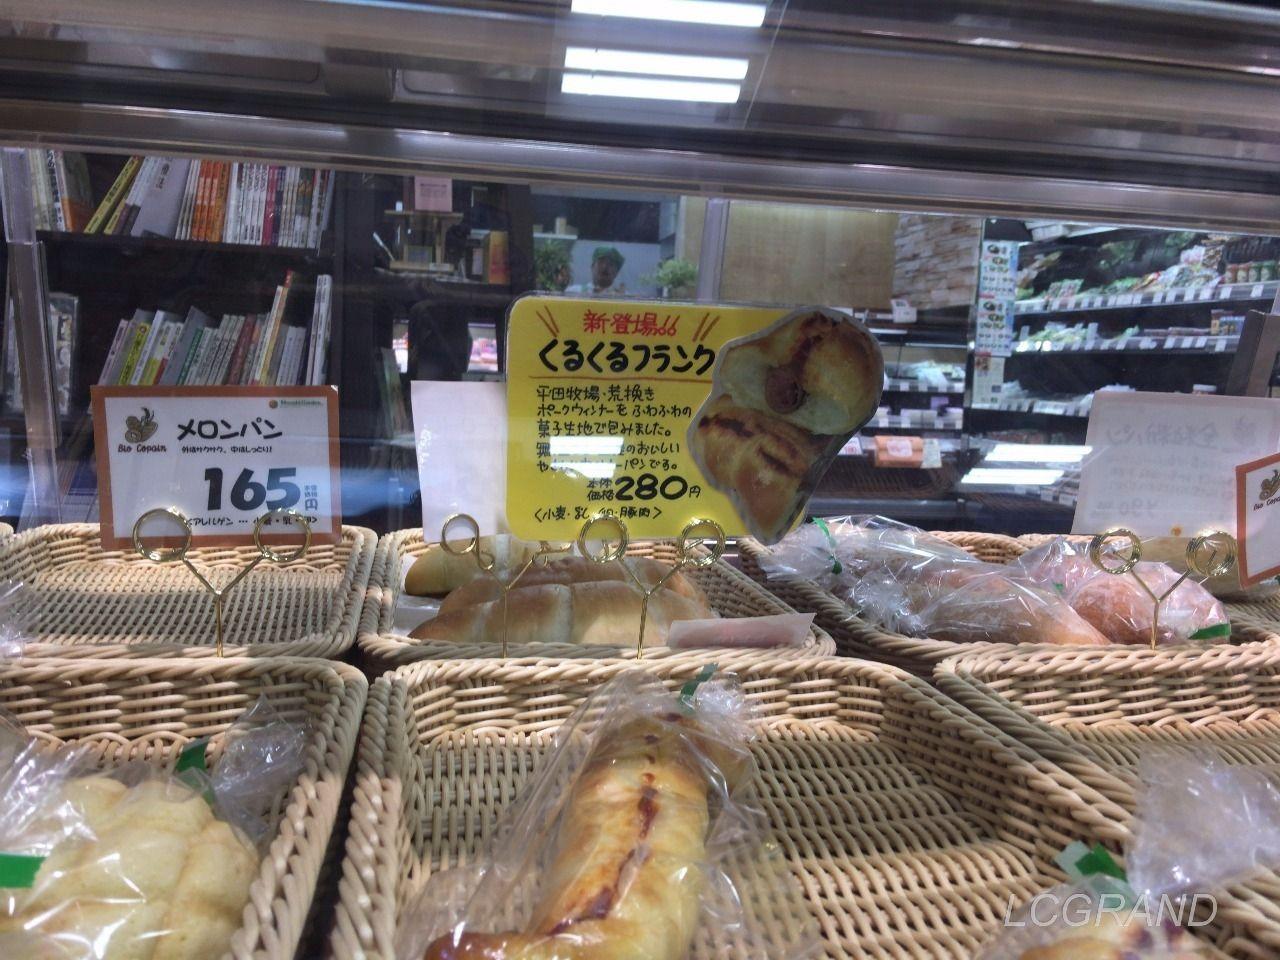 ムスビガーデン桜新町店のショーケースに入ったパン